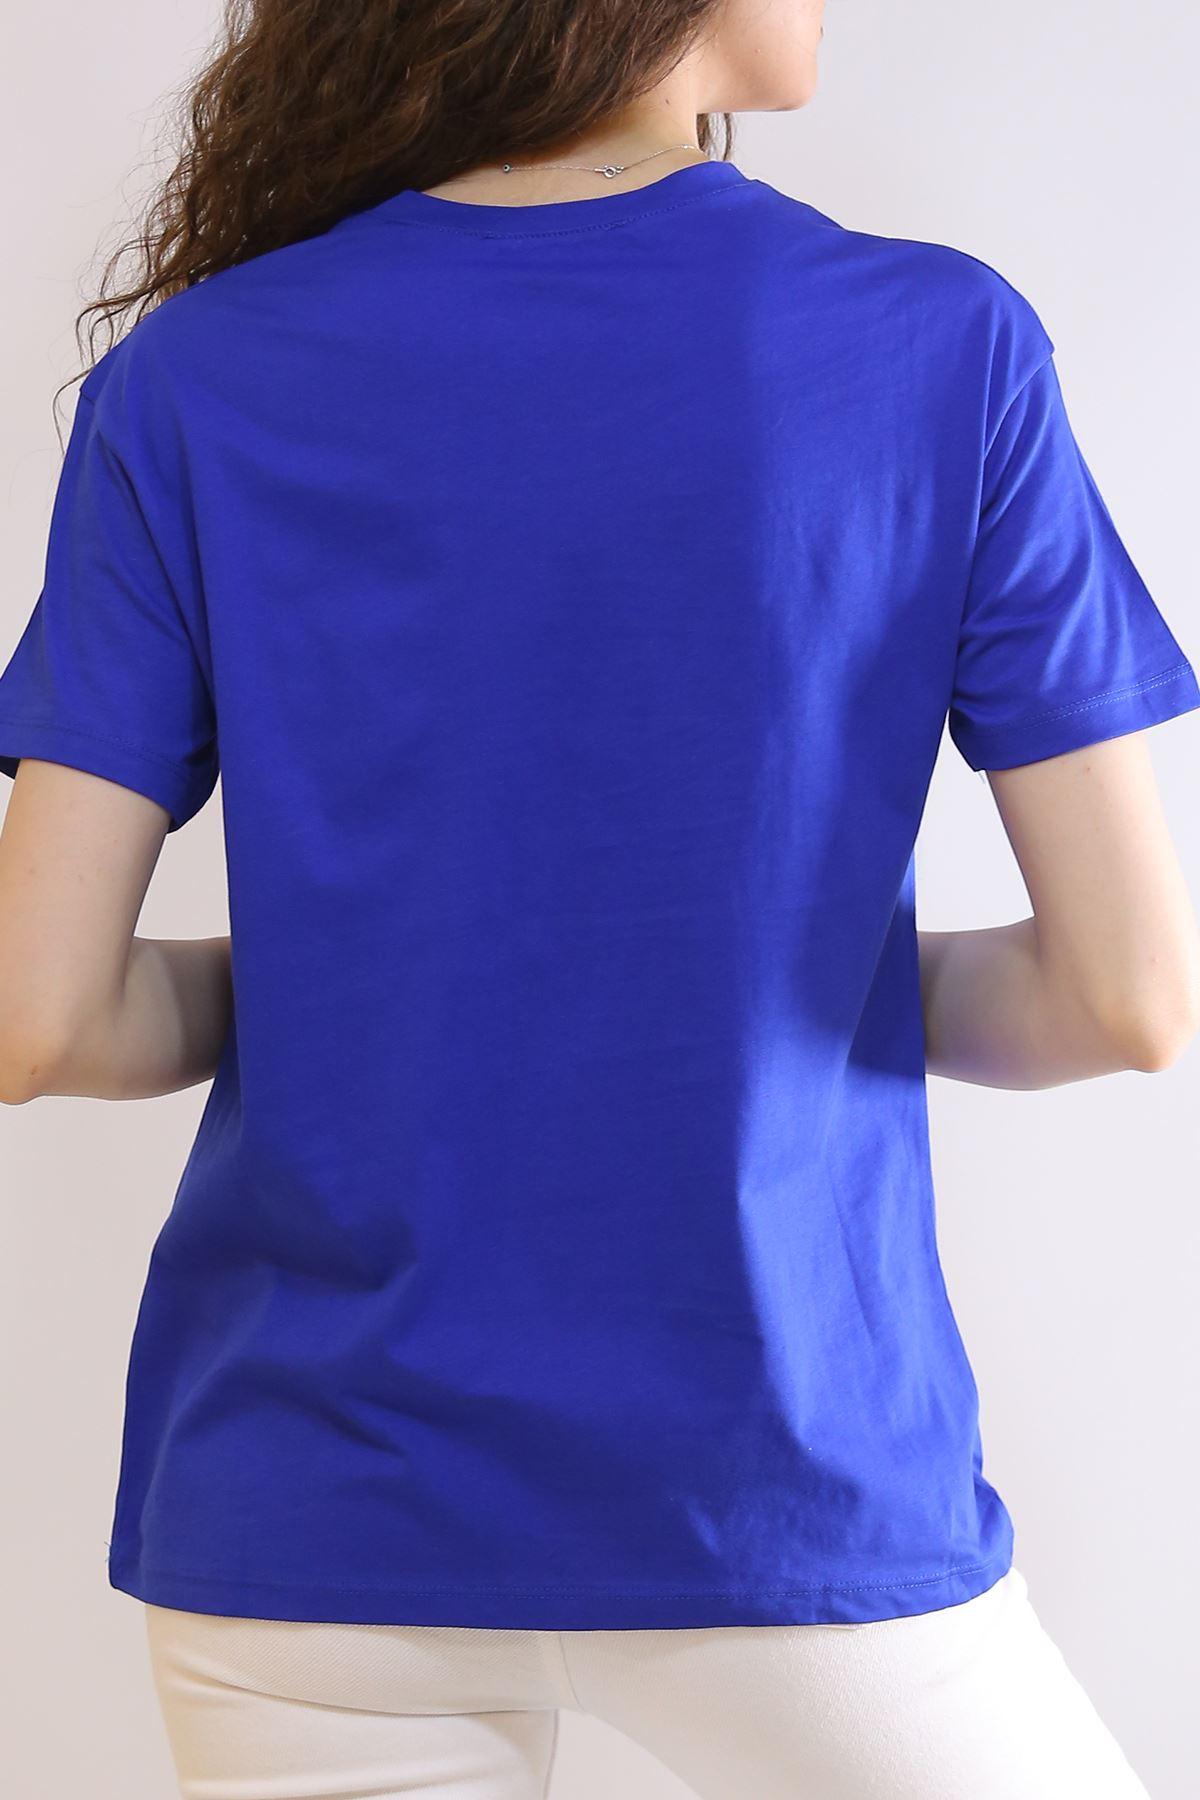 Nakış İşlemeli Tişört Saks - 2975.169.